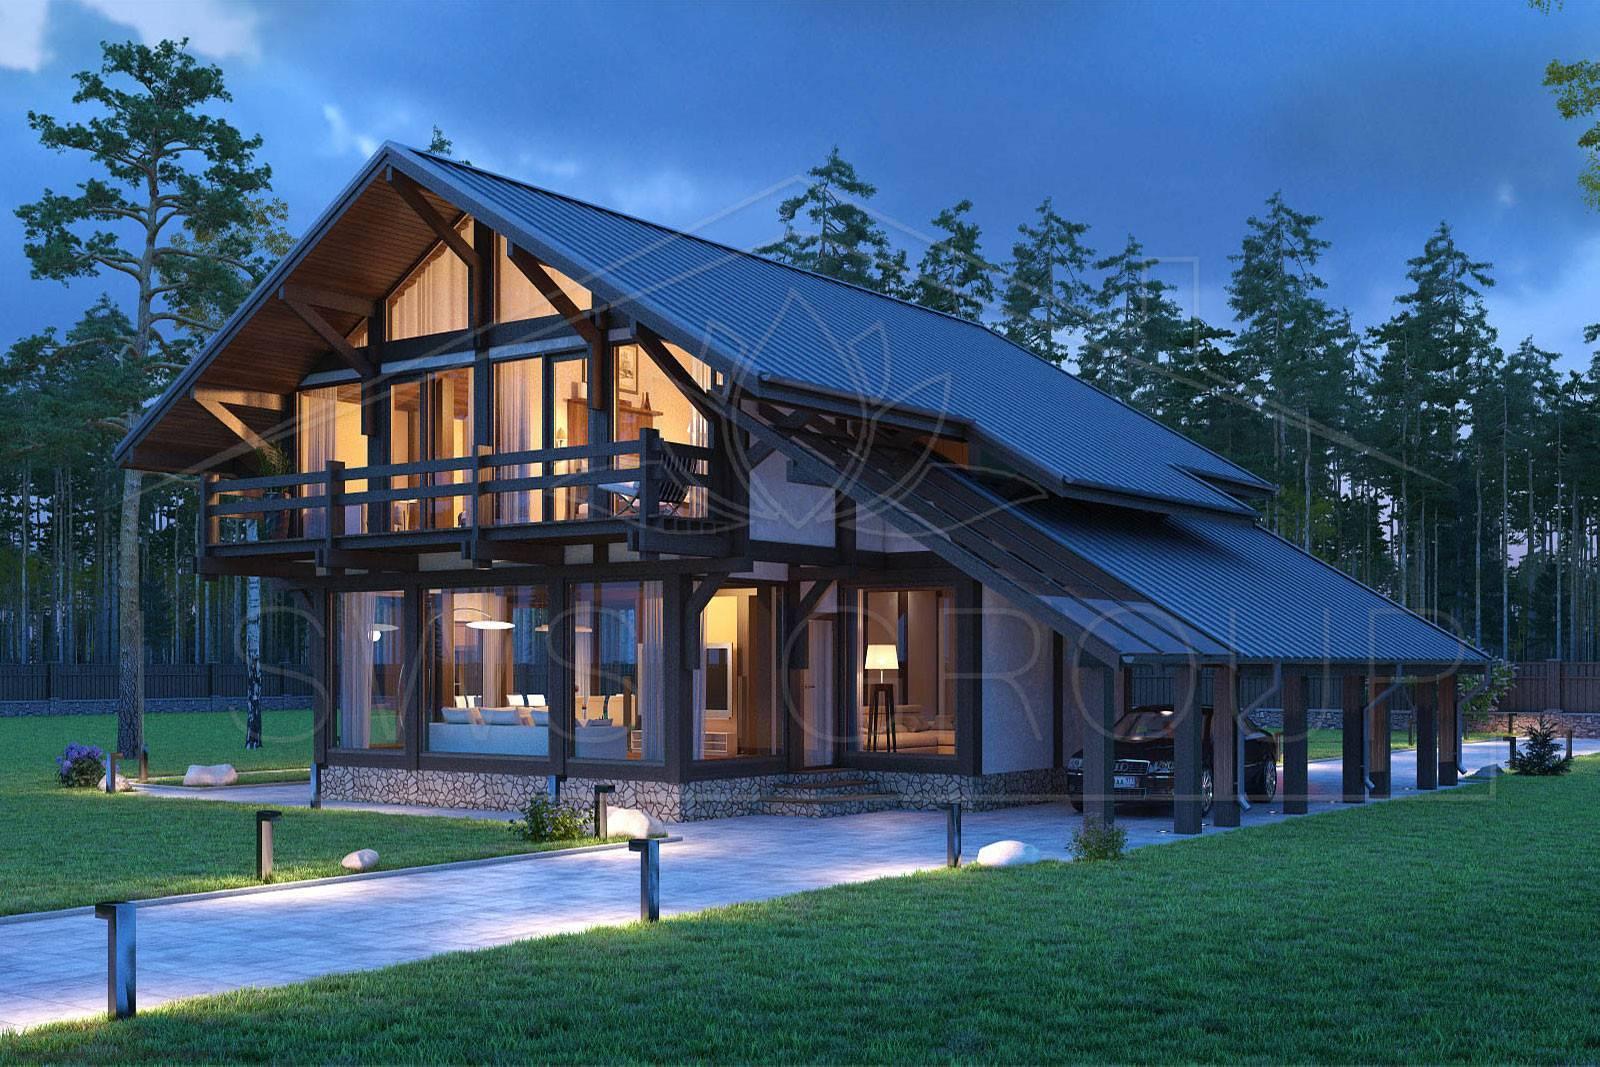 Фахверковый дом: фото, видео, характерные черты и особенности проекта